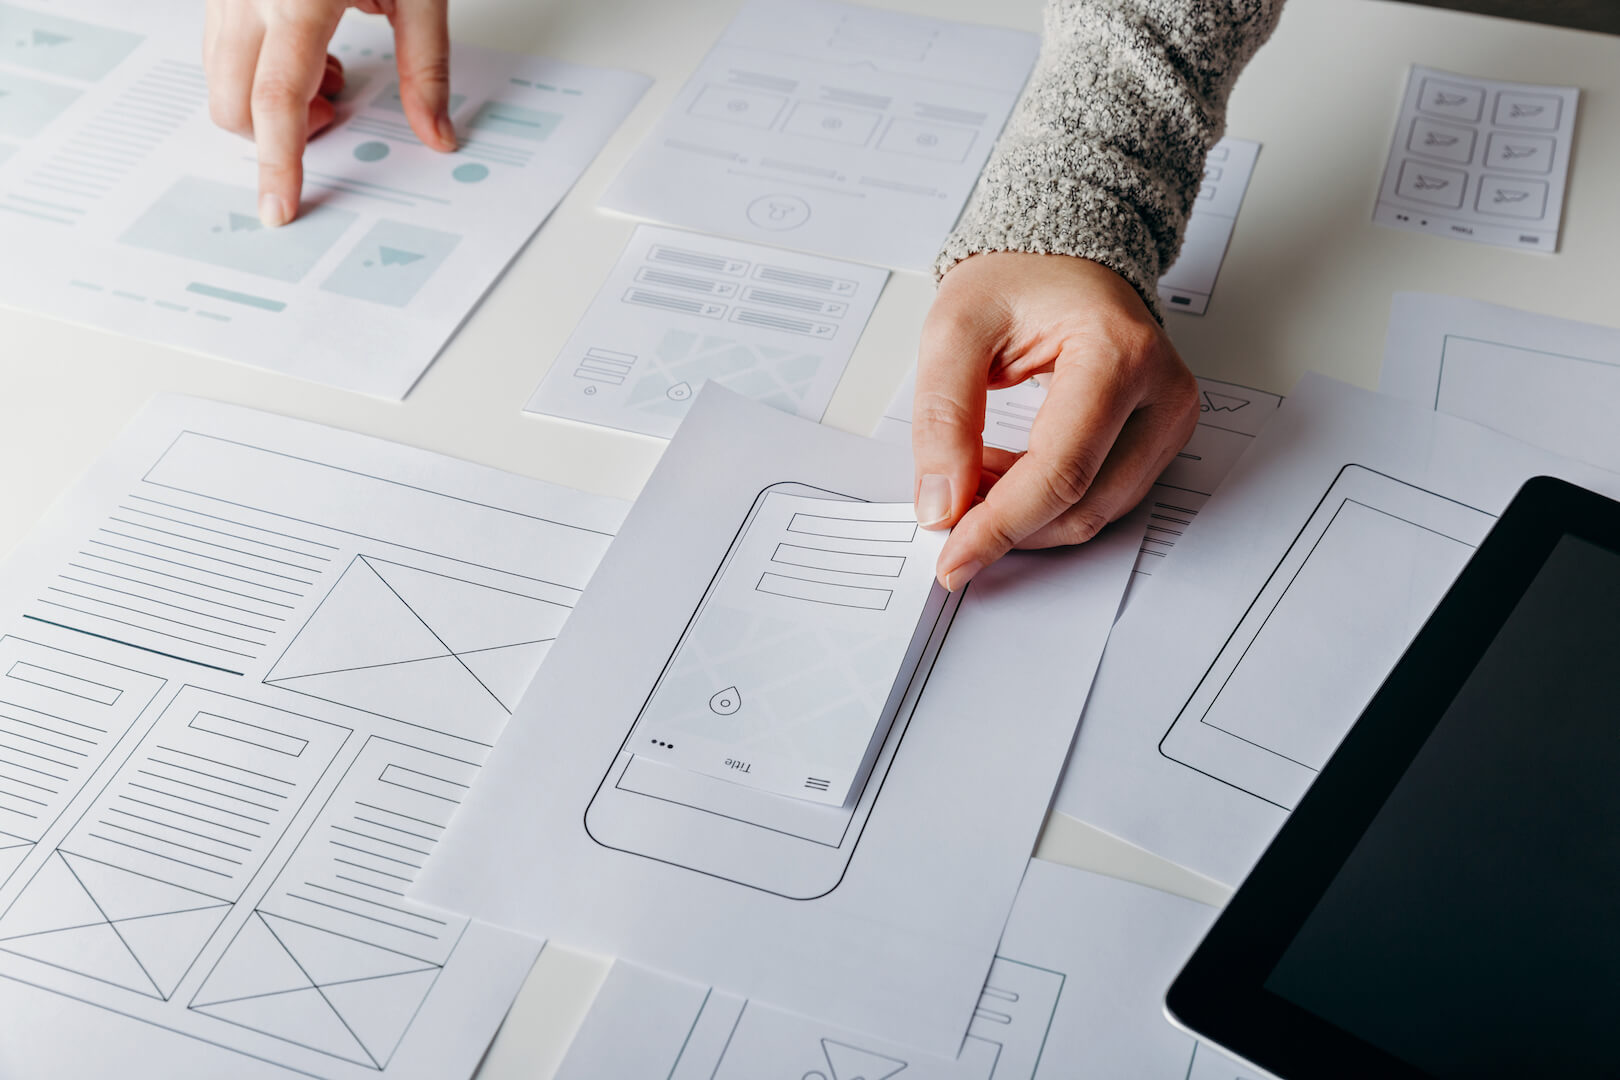 Les meilleures pratiques du Webdesign expliquées par les experts Lightspeed